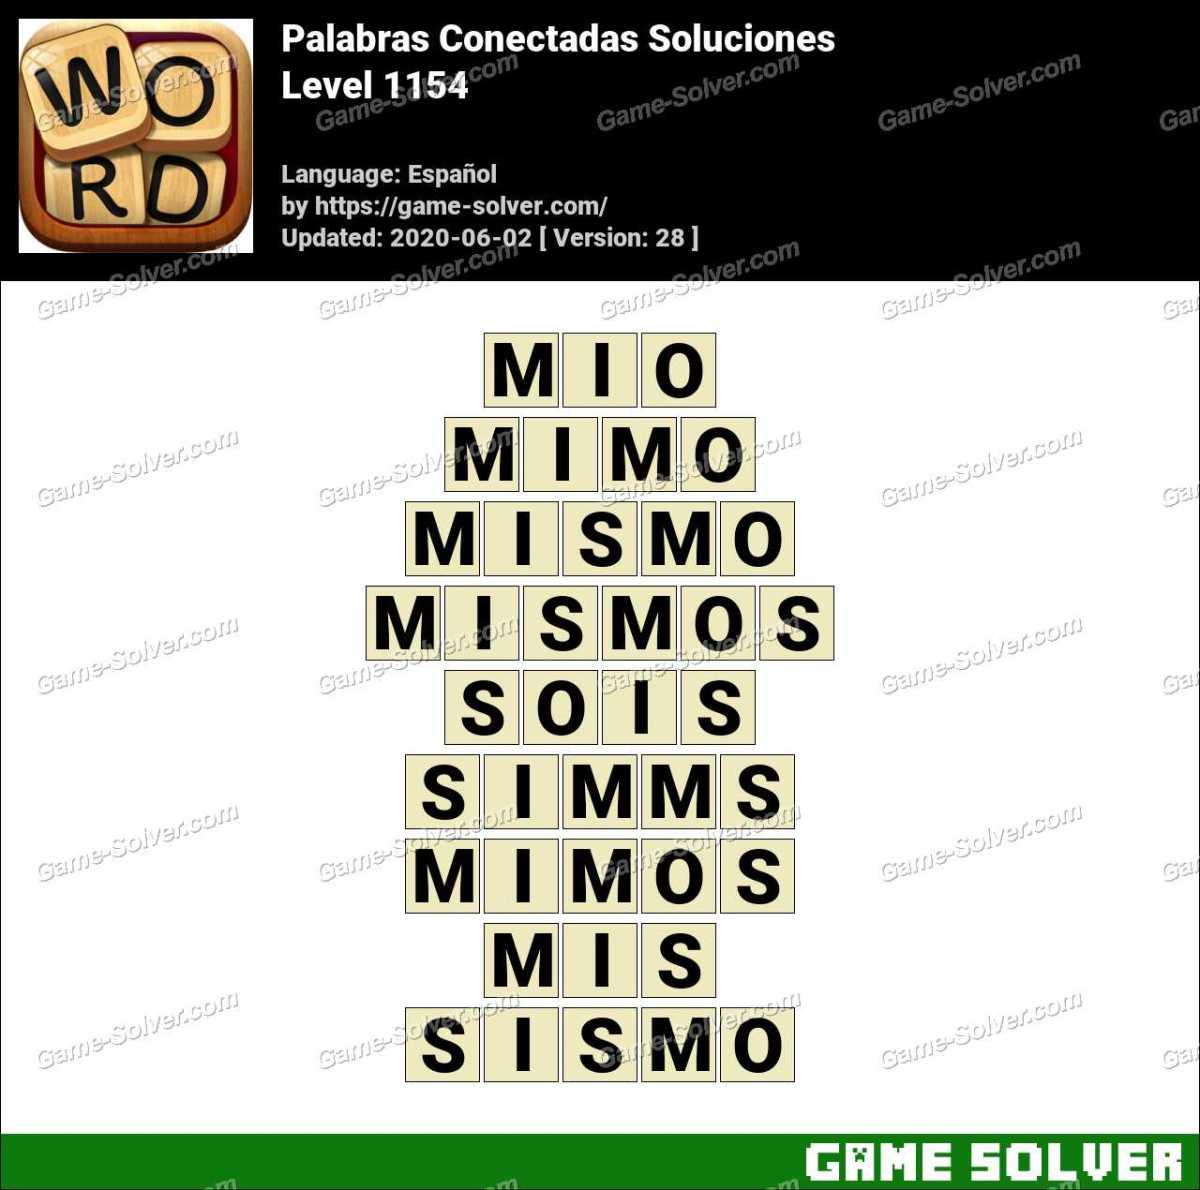 Palabras Conectadas Nivel 1154 Soluciones